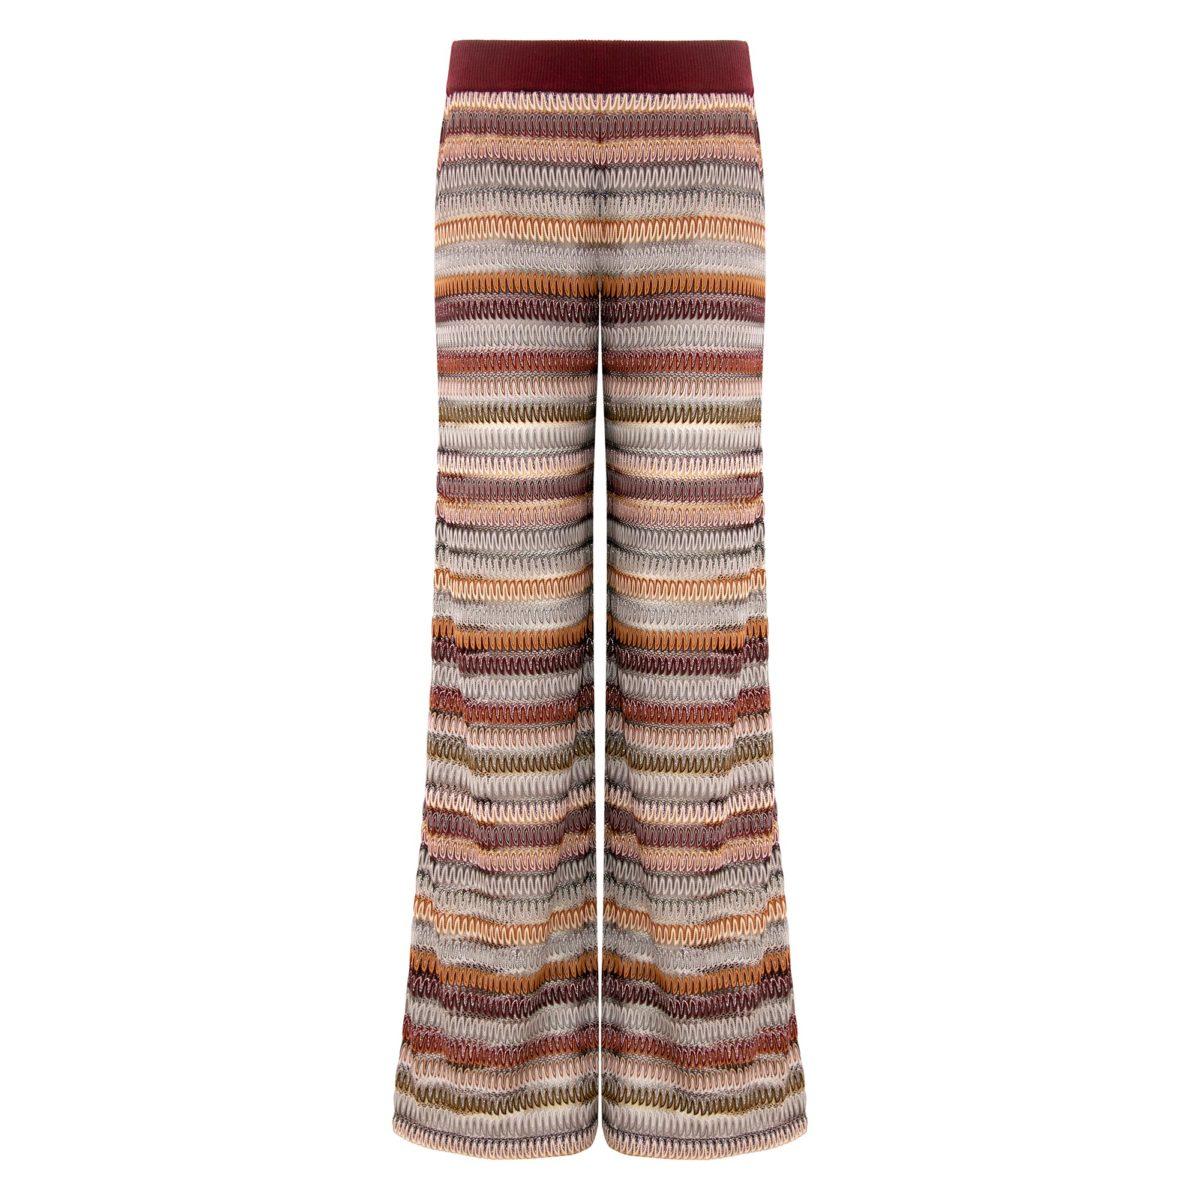 Pantalone Wide leg a maglia raschel Multicolor - vista frontale | Nicla